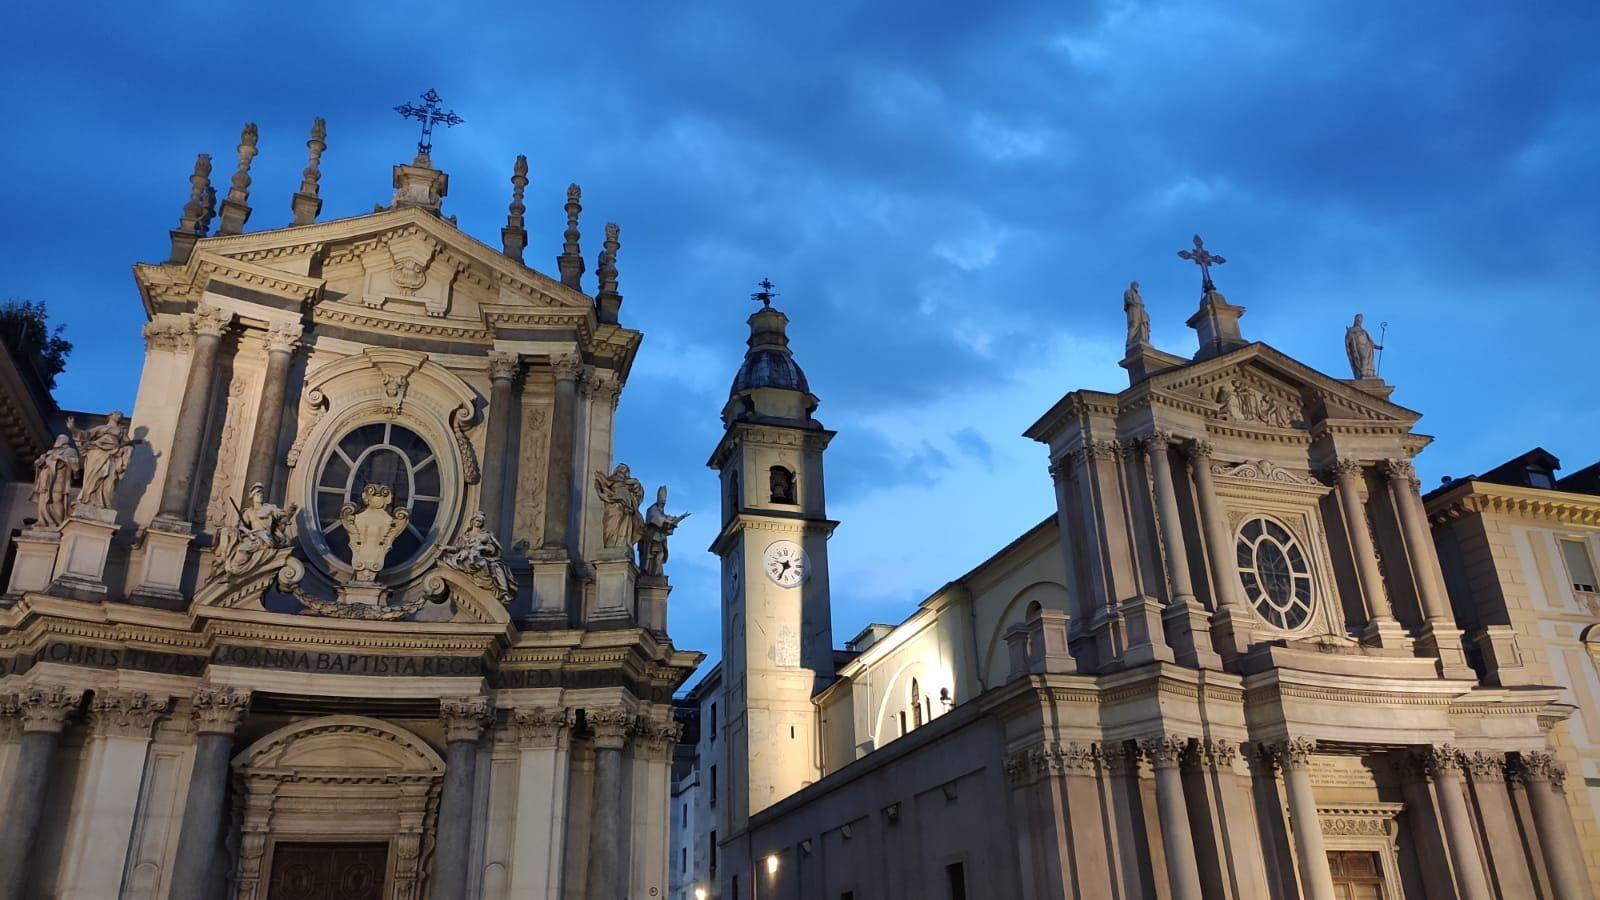 Visites guidées à Turin avec Somewhere Tour